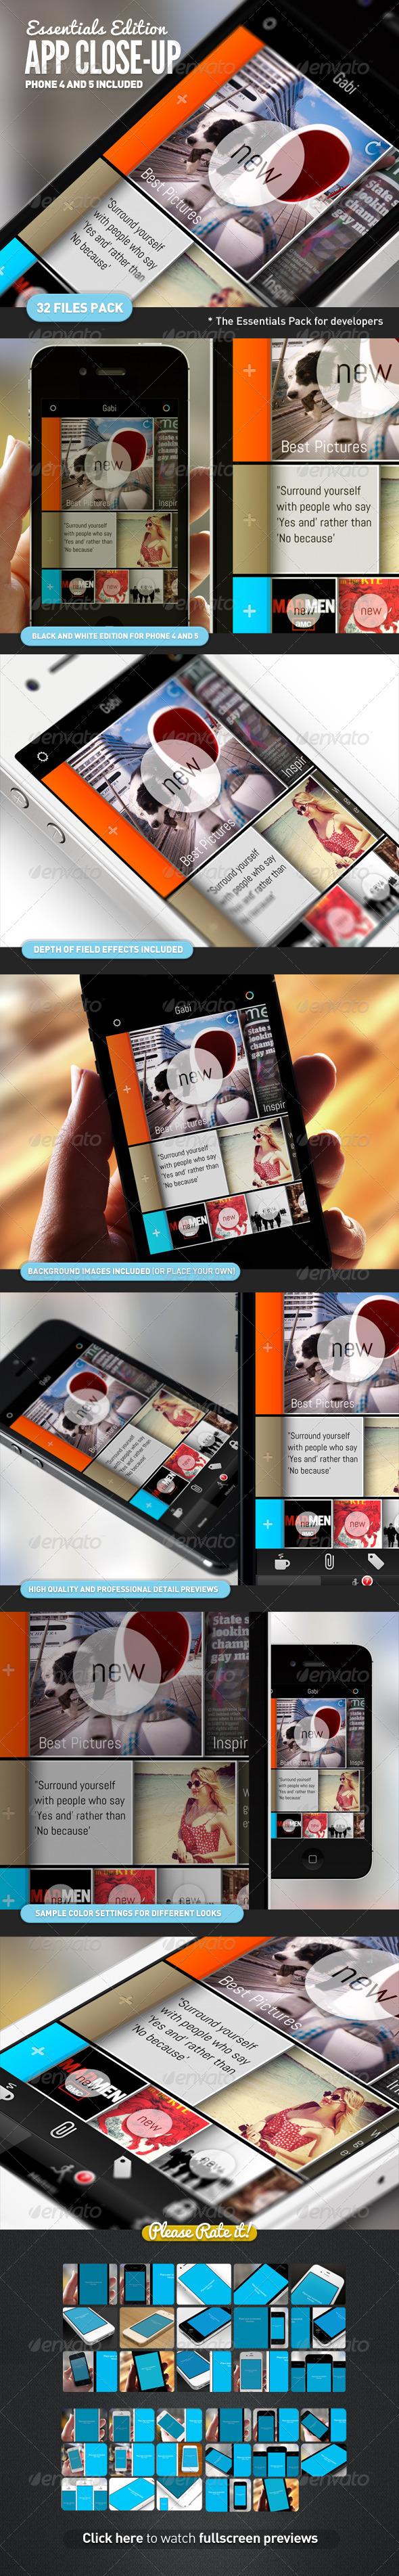 App UI Close-Up Mock-Up Essential Bundle - Mobile Displays